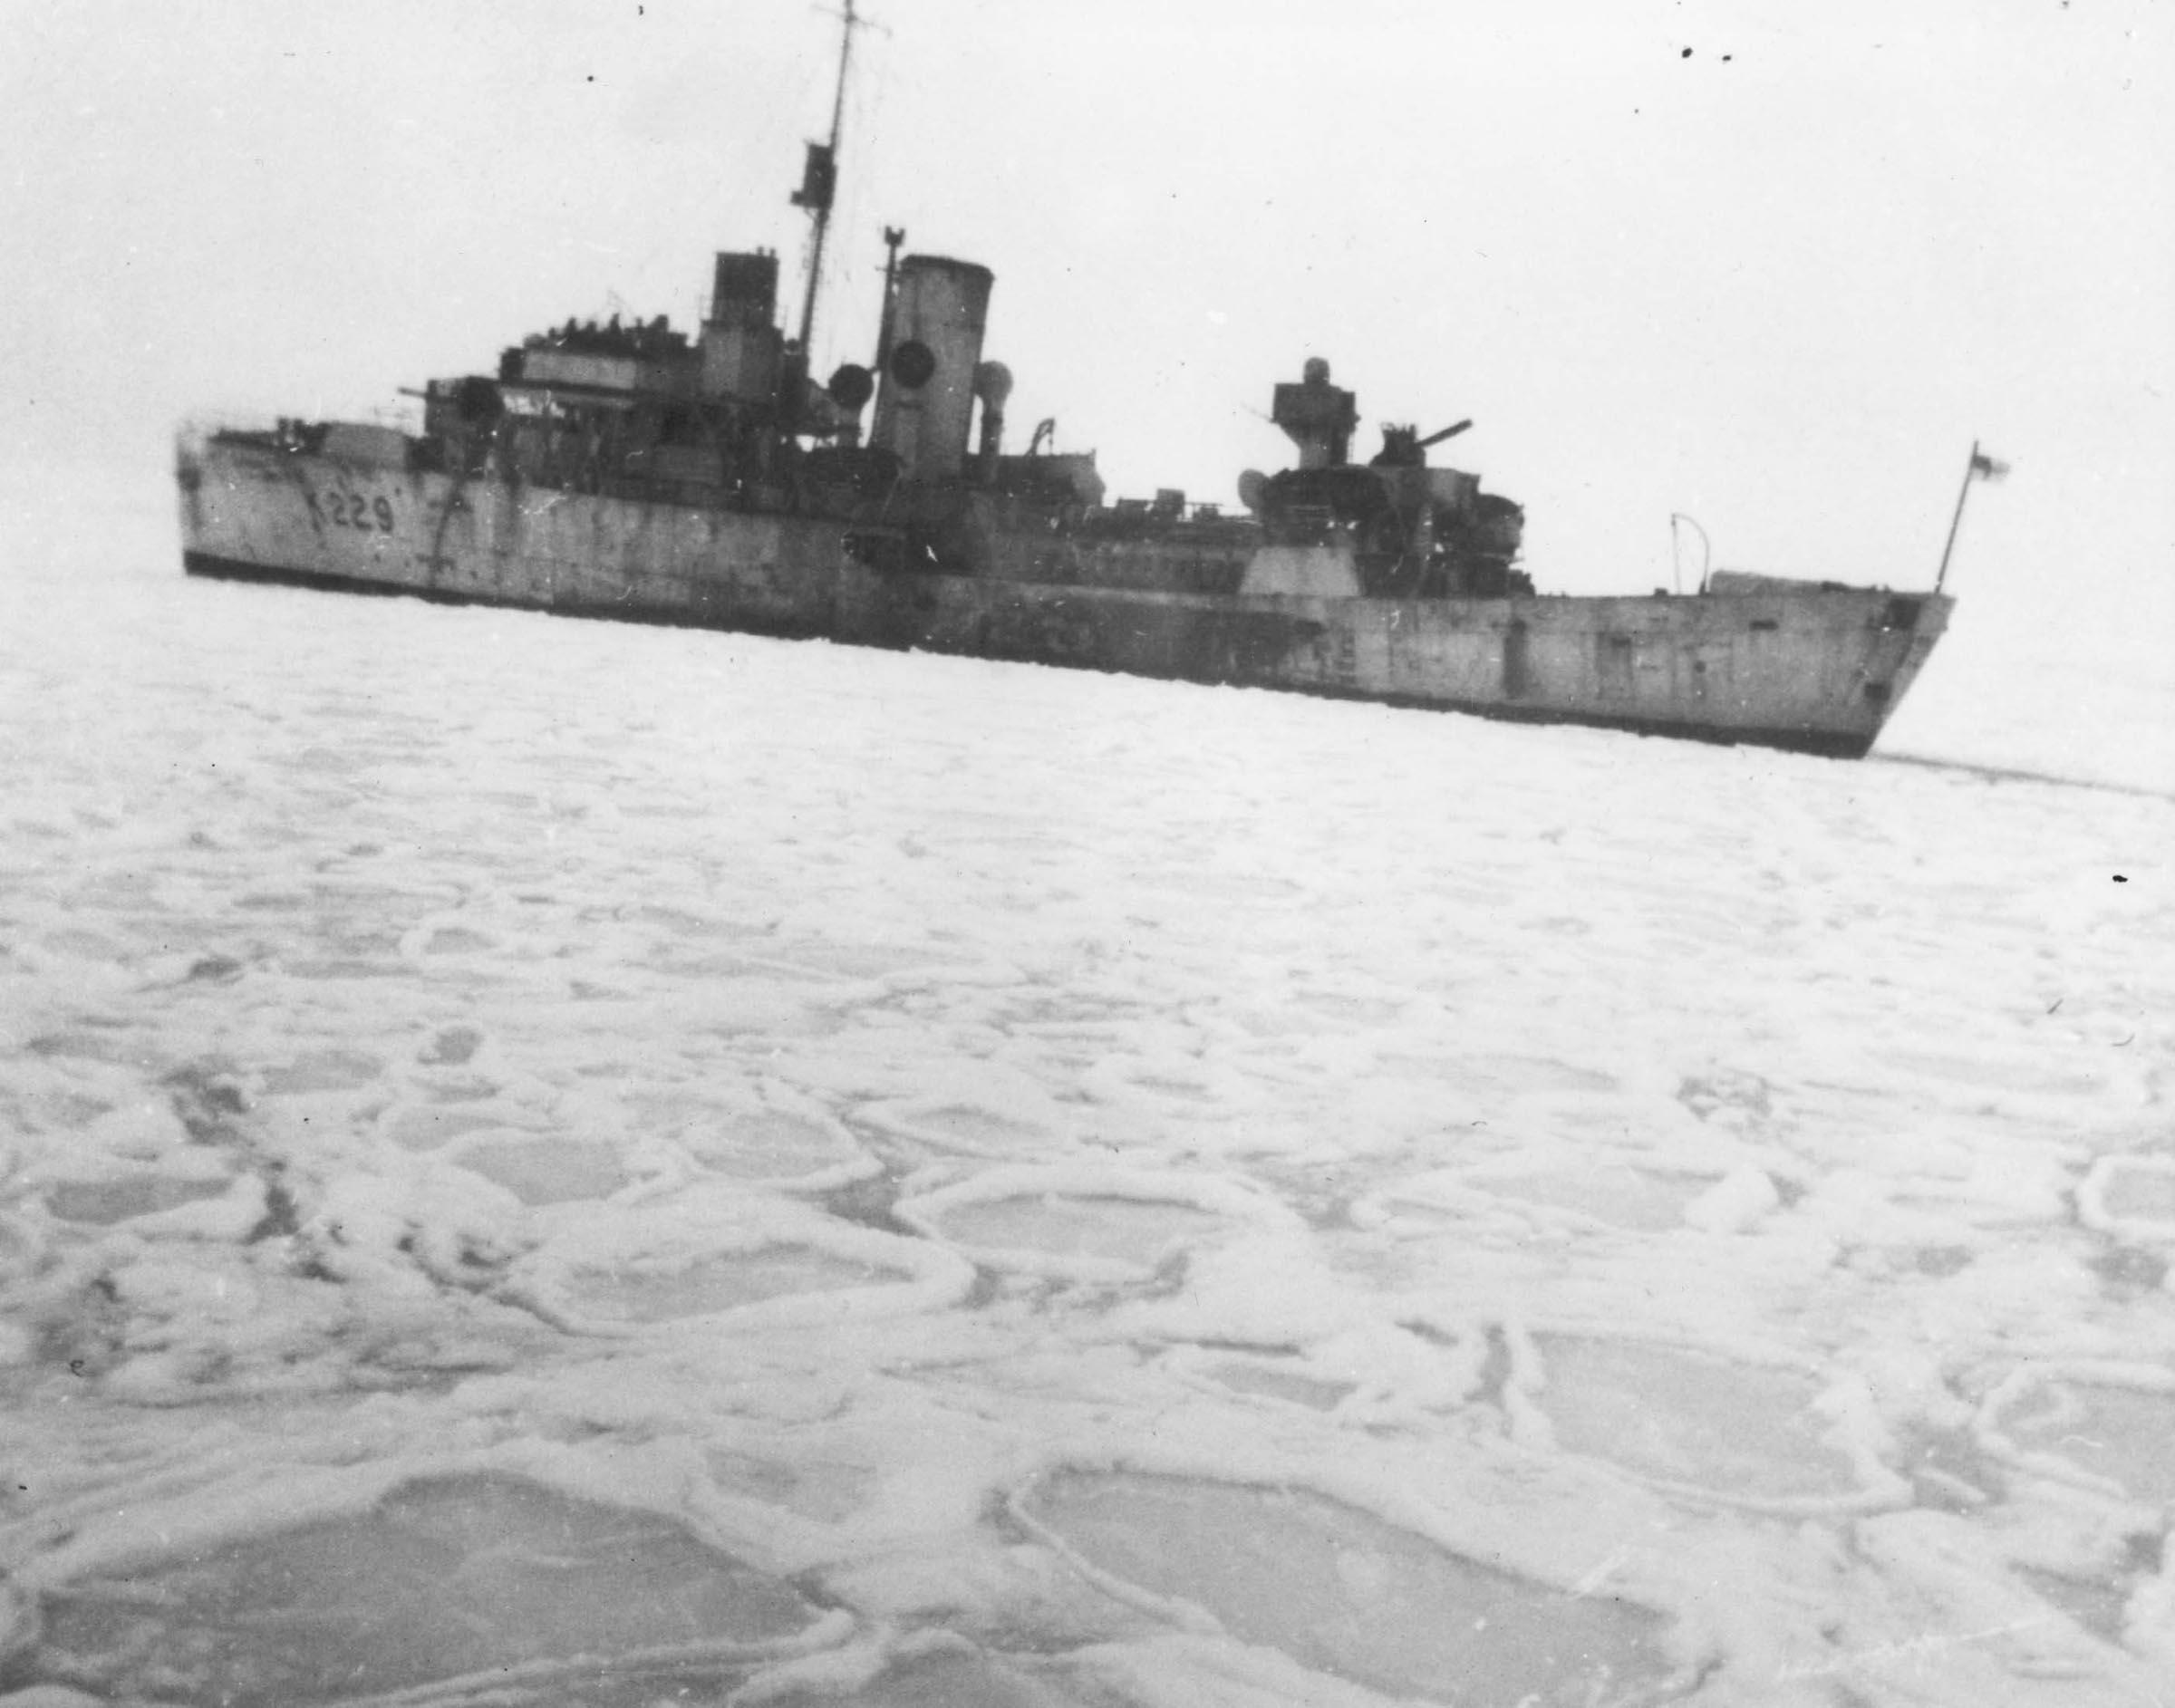 HMCS DUNDAS